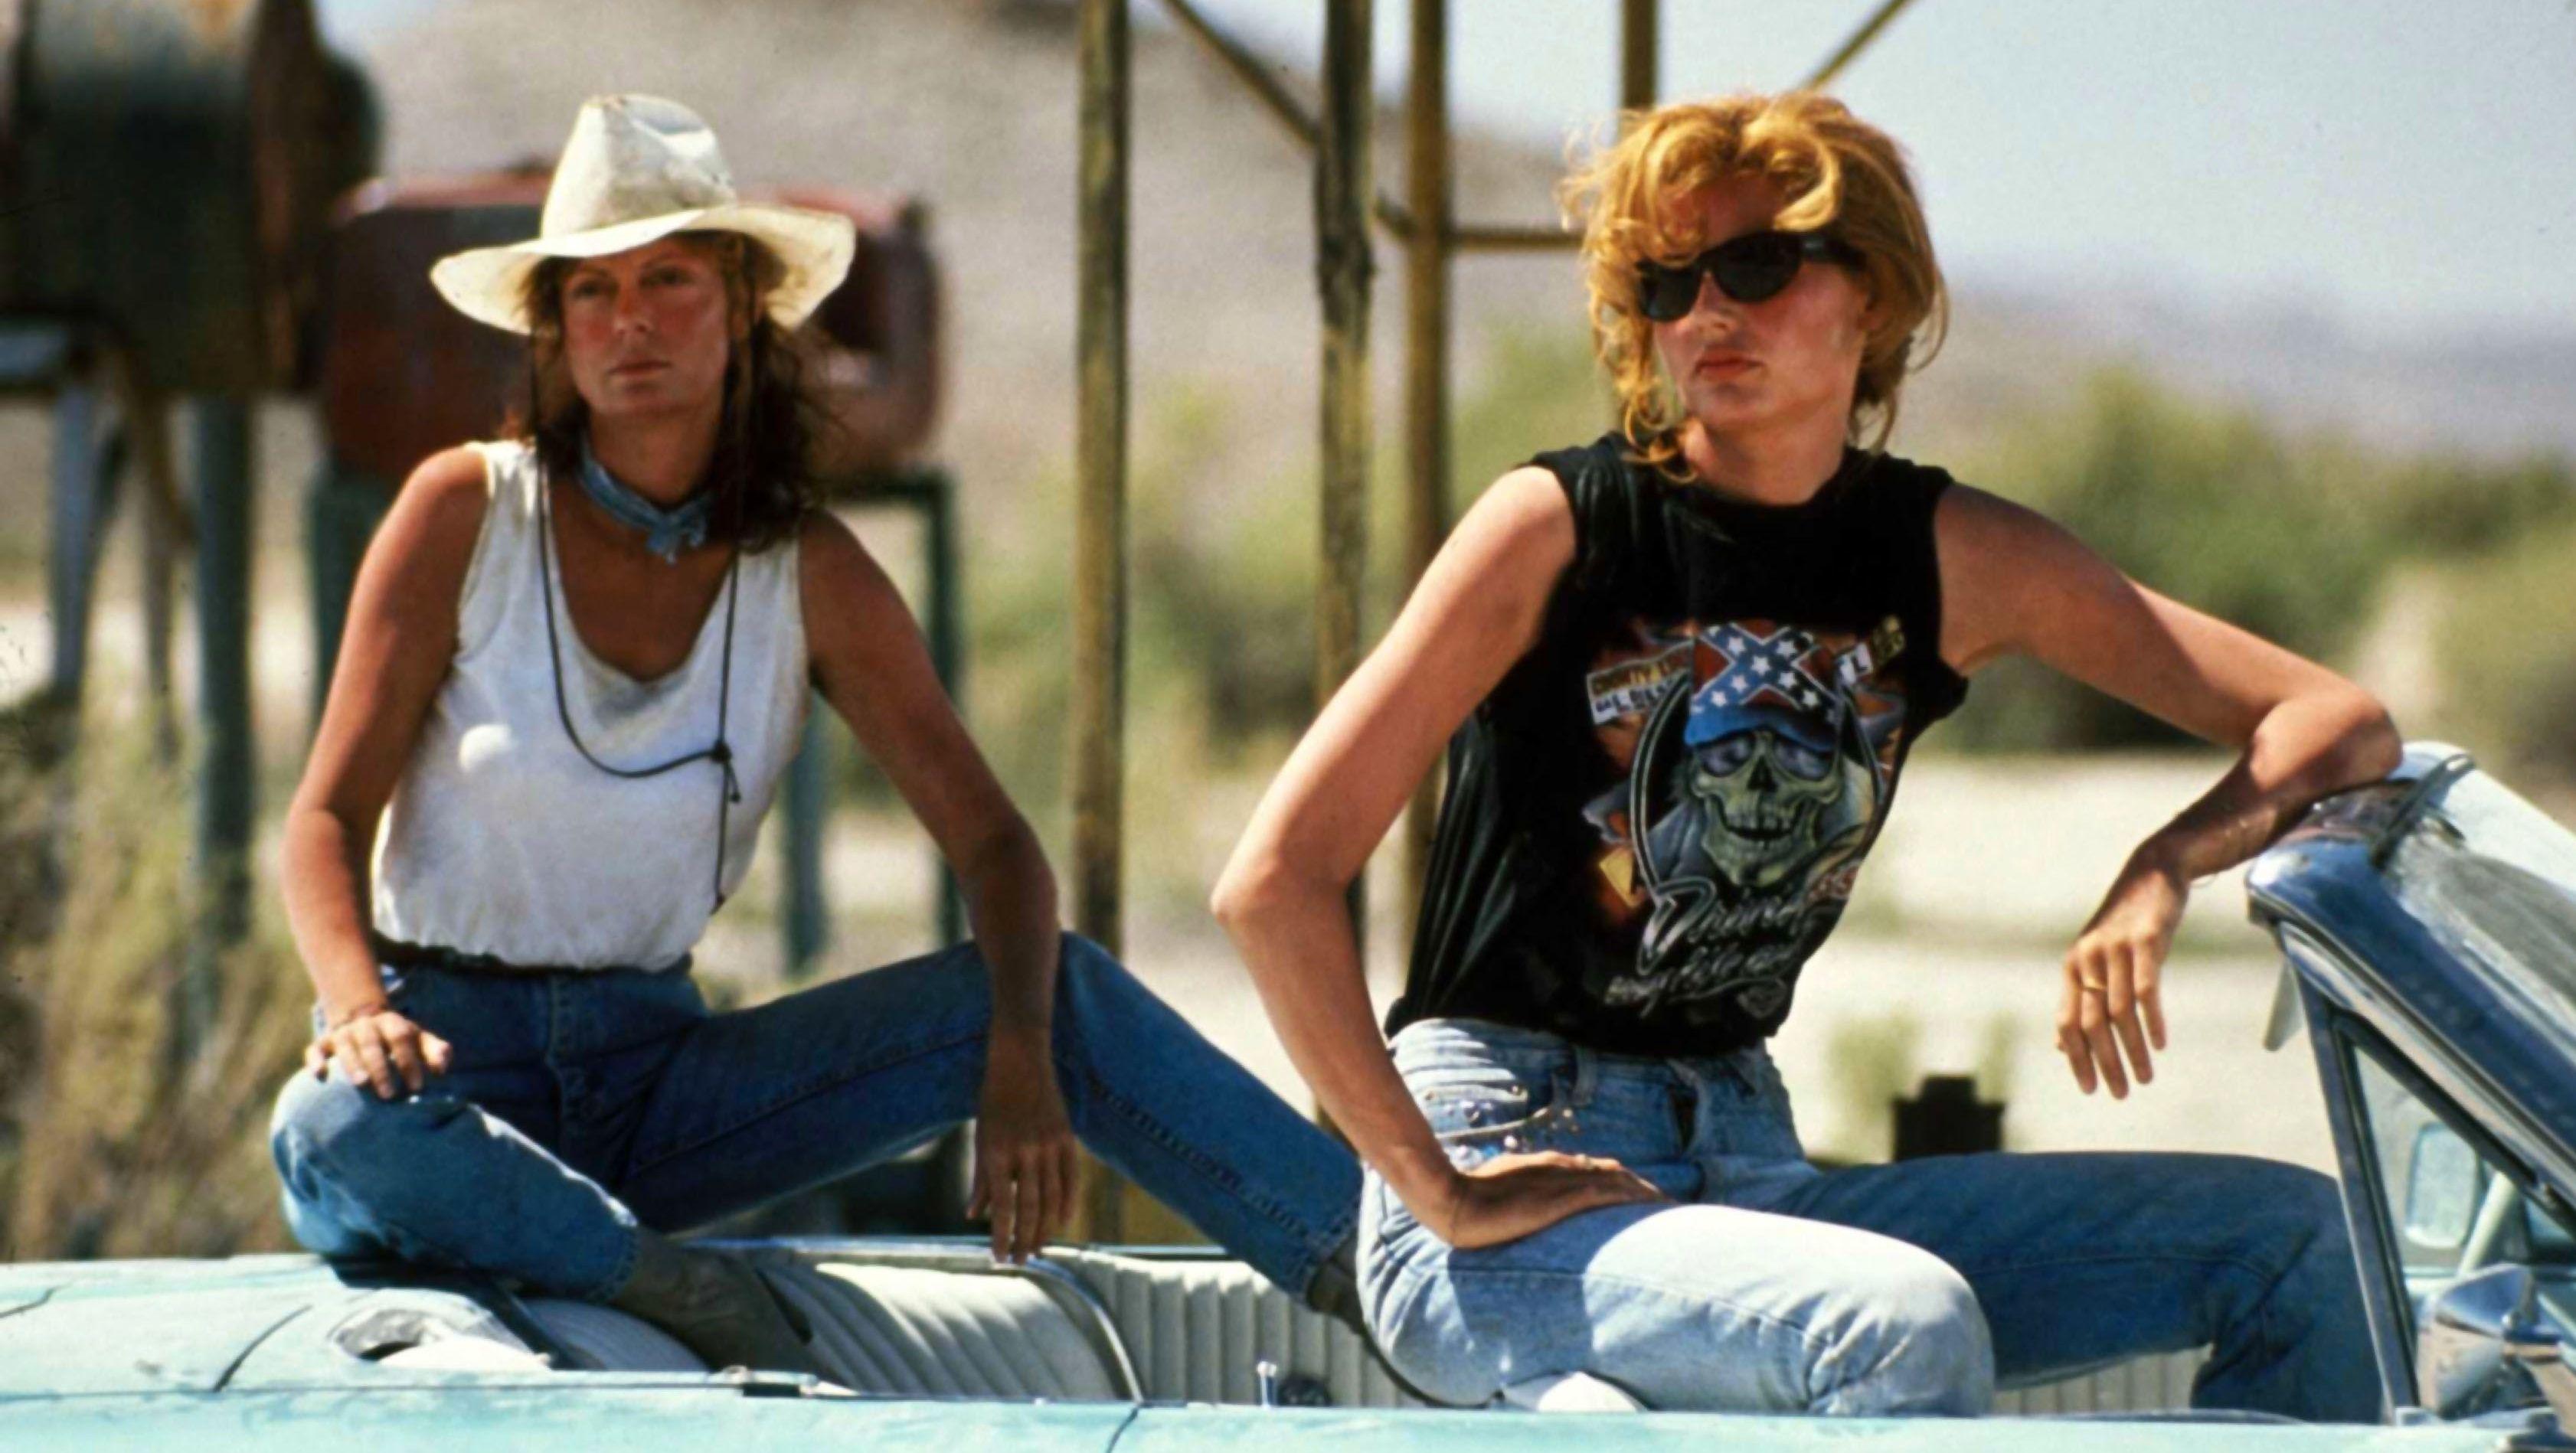 29 év után volt egy kisebb Thelma és Louise találkozó